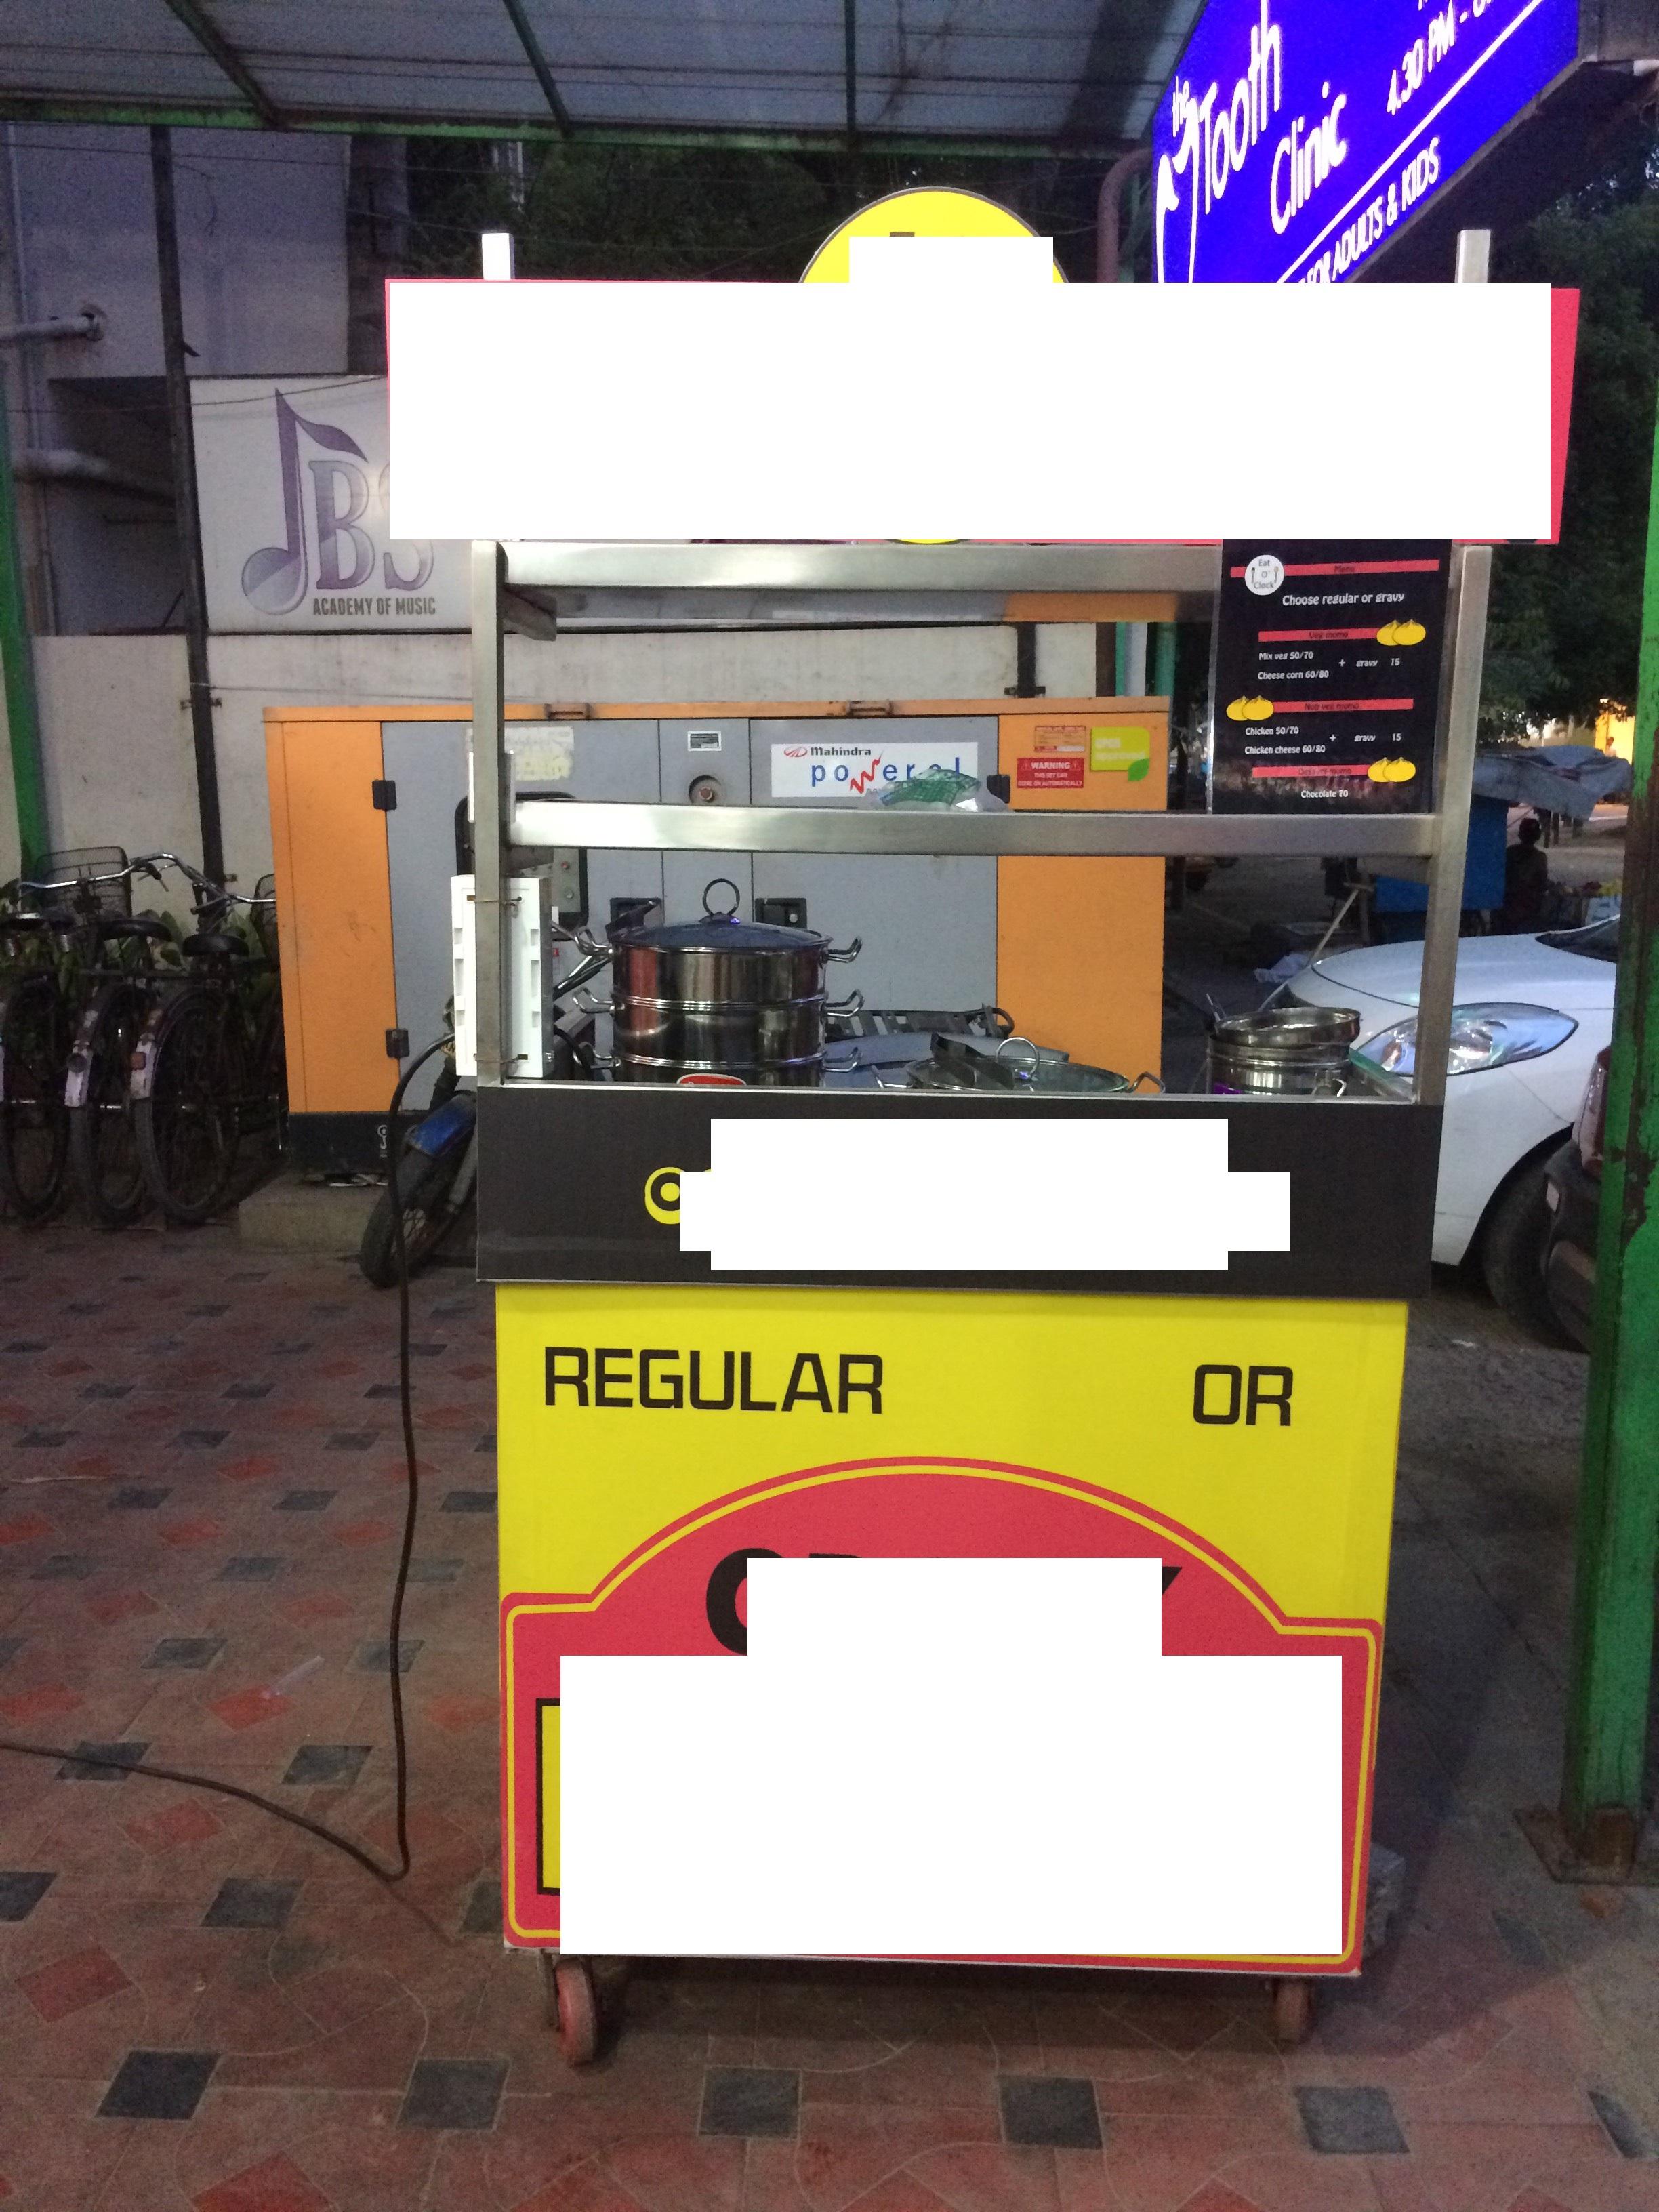 A Momo Fast Food Stall for Sale in Annanagar Chennai